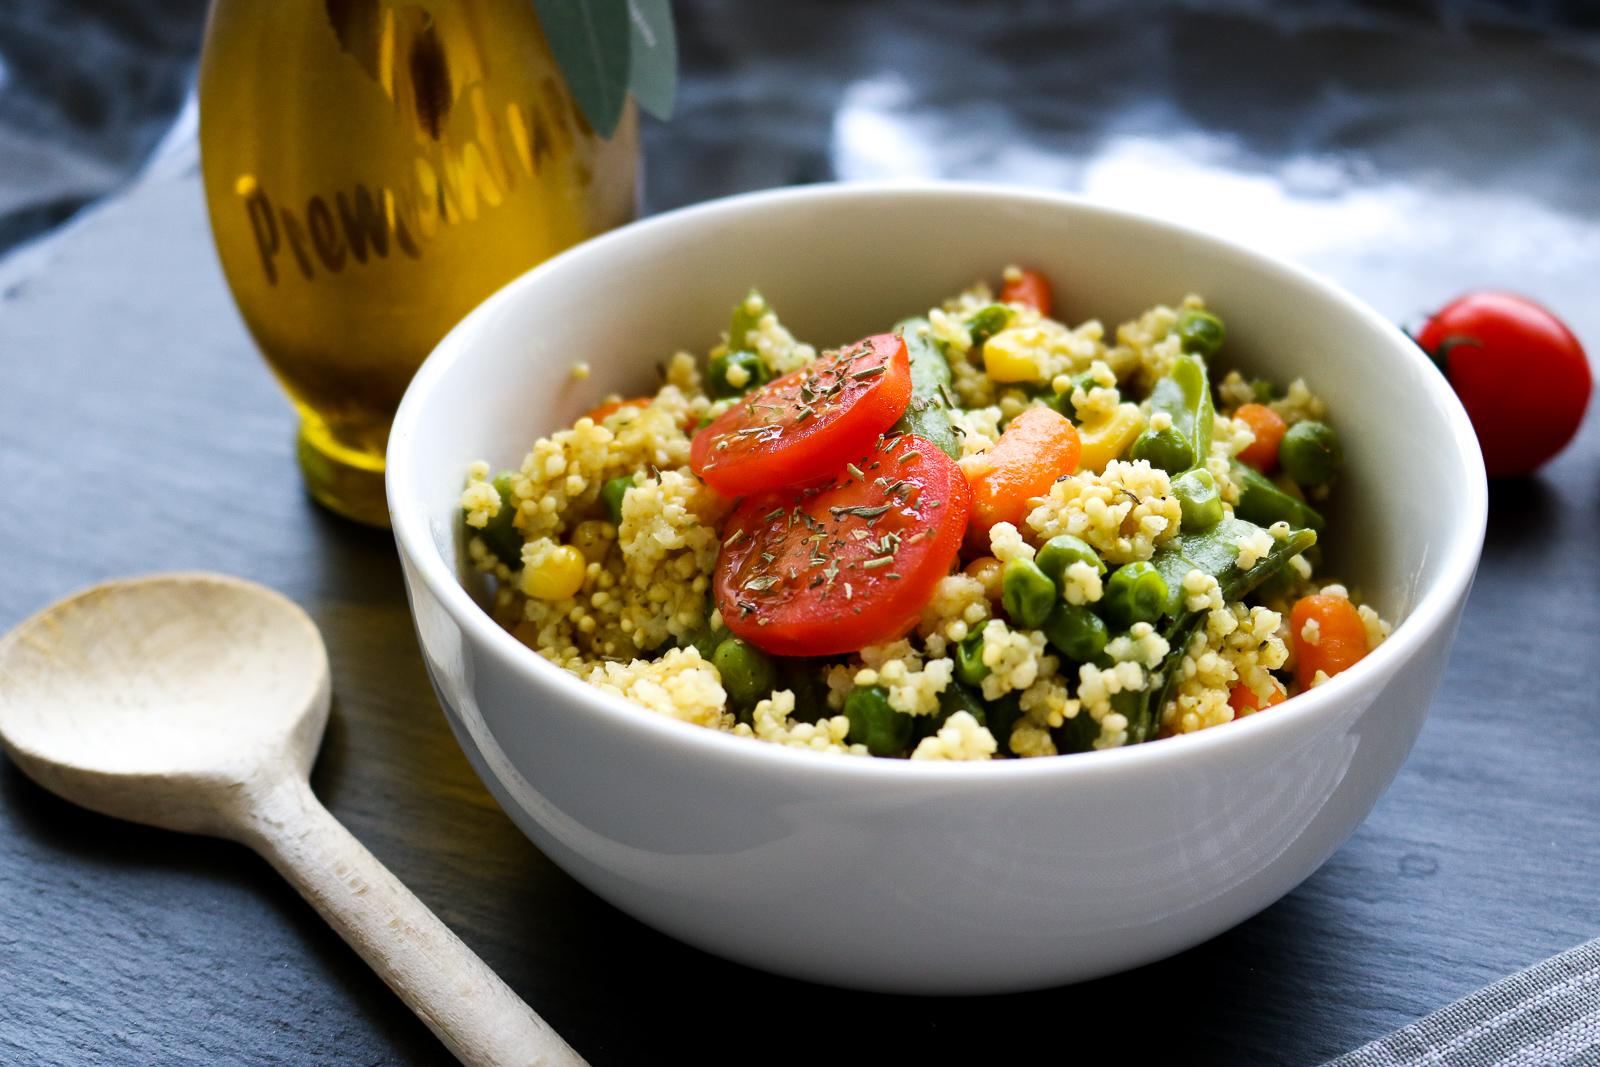 Schnelle Hirse-Gemüse-Pfanne - schnelles Rezept für die gesunde Küche - gesund und schnell kochen - kochen mit Hirse - schnelles Gericht - Fashionladyloves by Tamara Wagner - Food Blog aus Graz Österreich